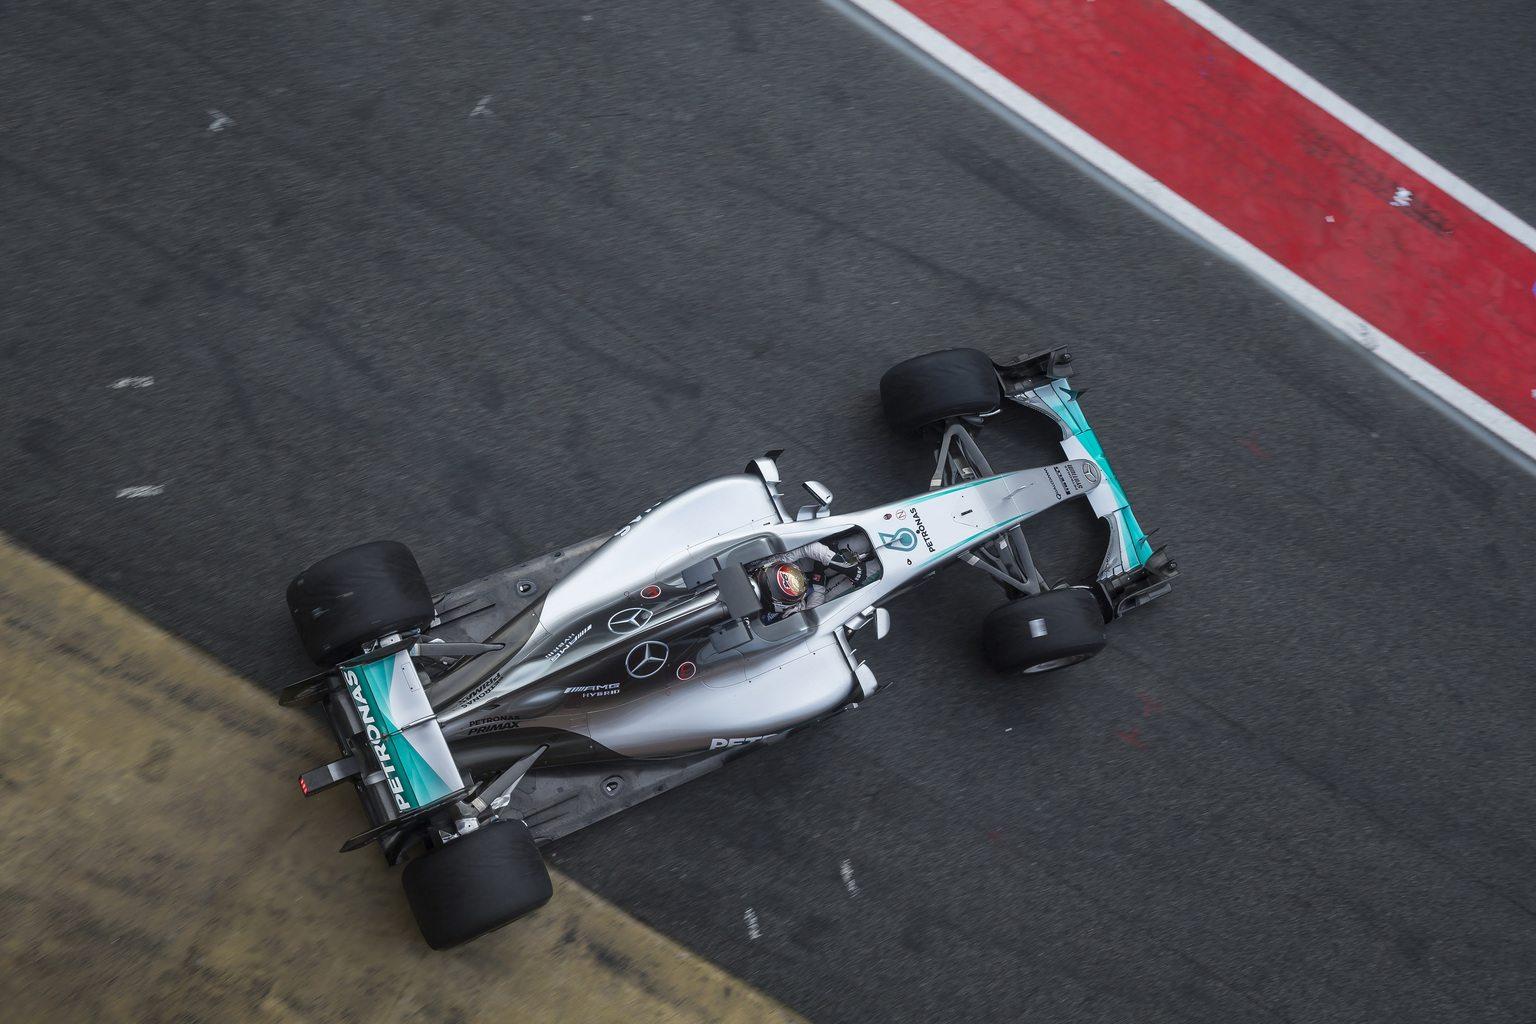 Pascal Wehrlein a Pirelli 2017-es prototípus esőgumiját teszteli Barcelonában (Fotó: xpbimages.com)